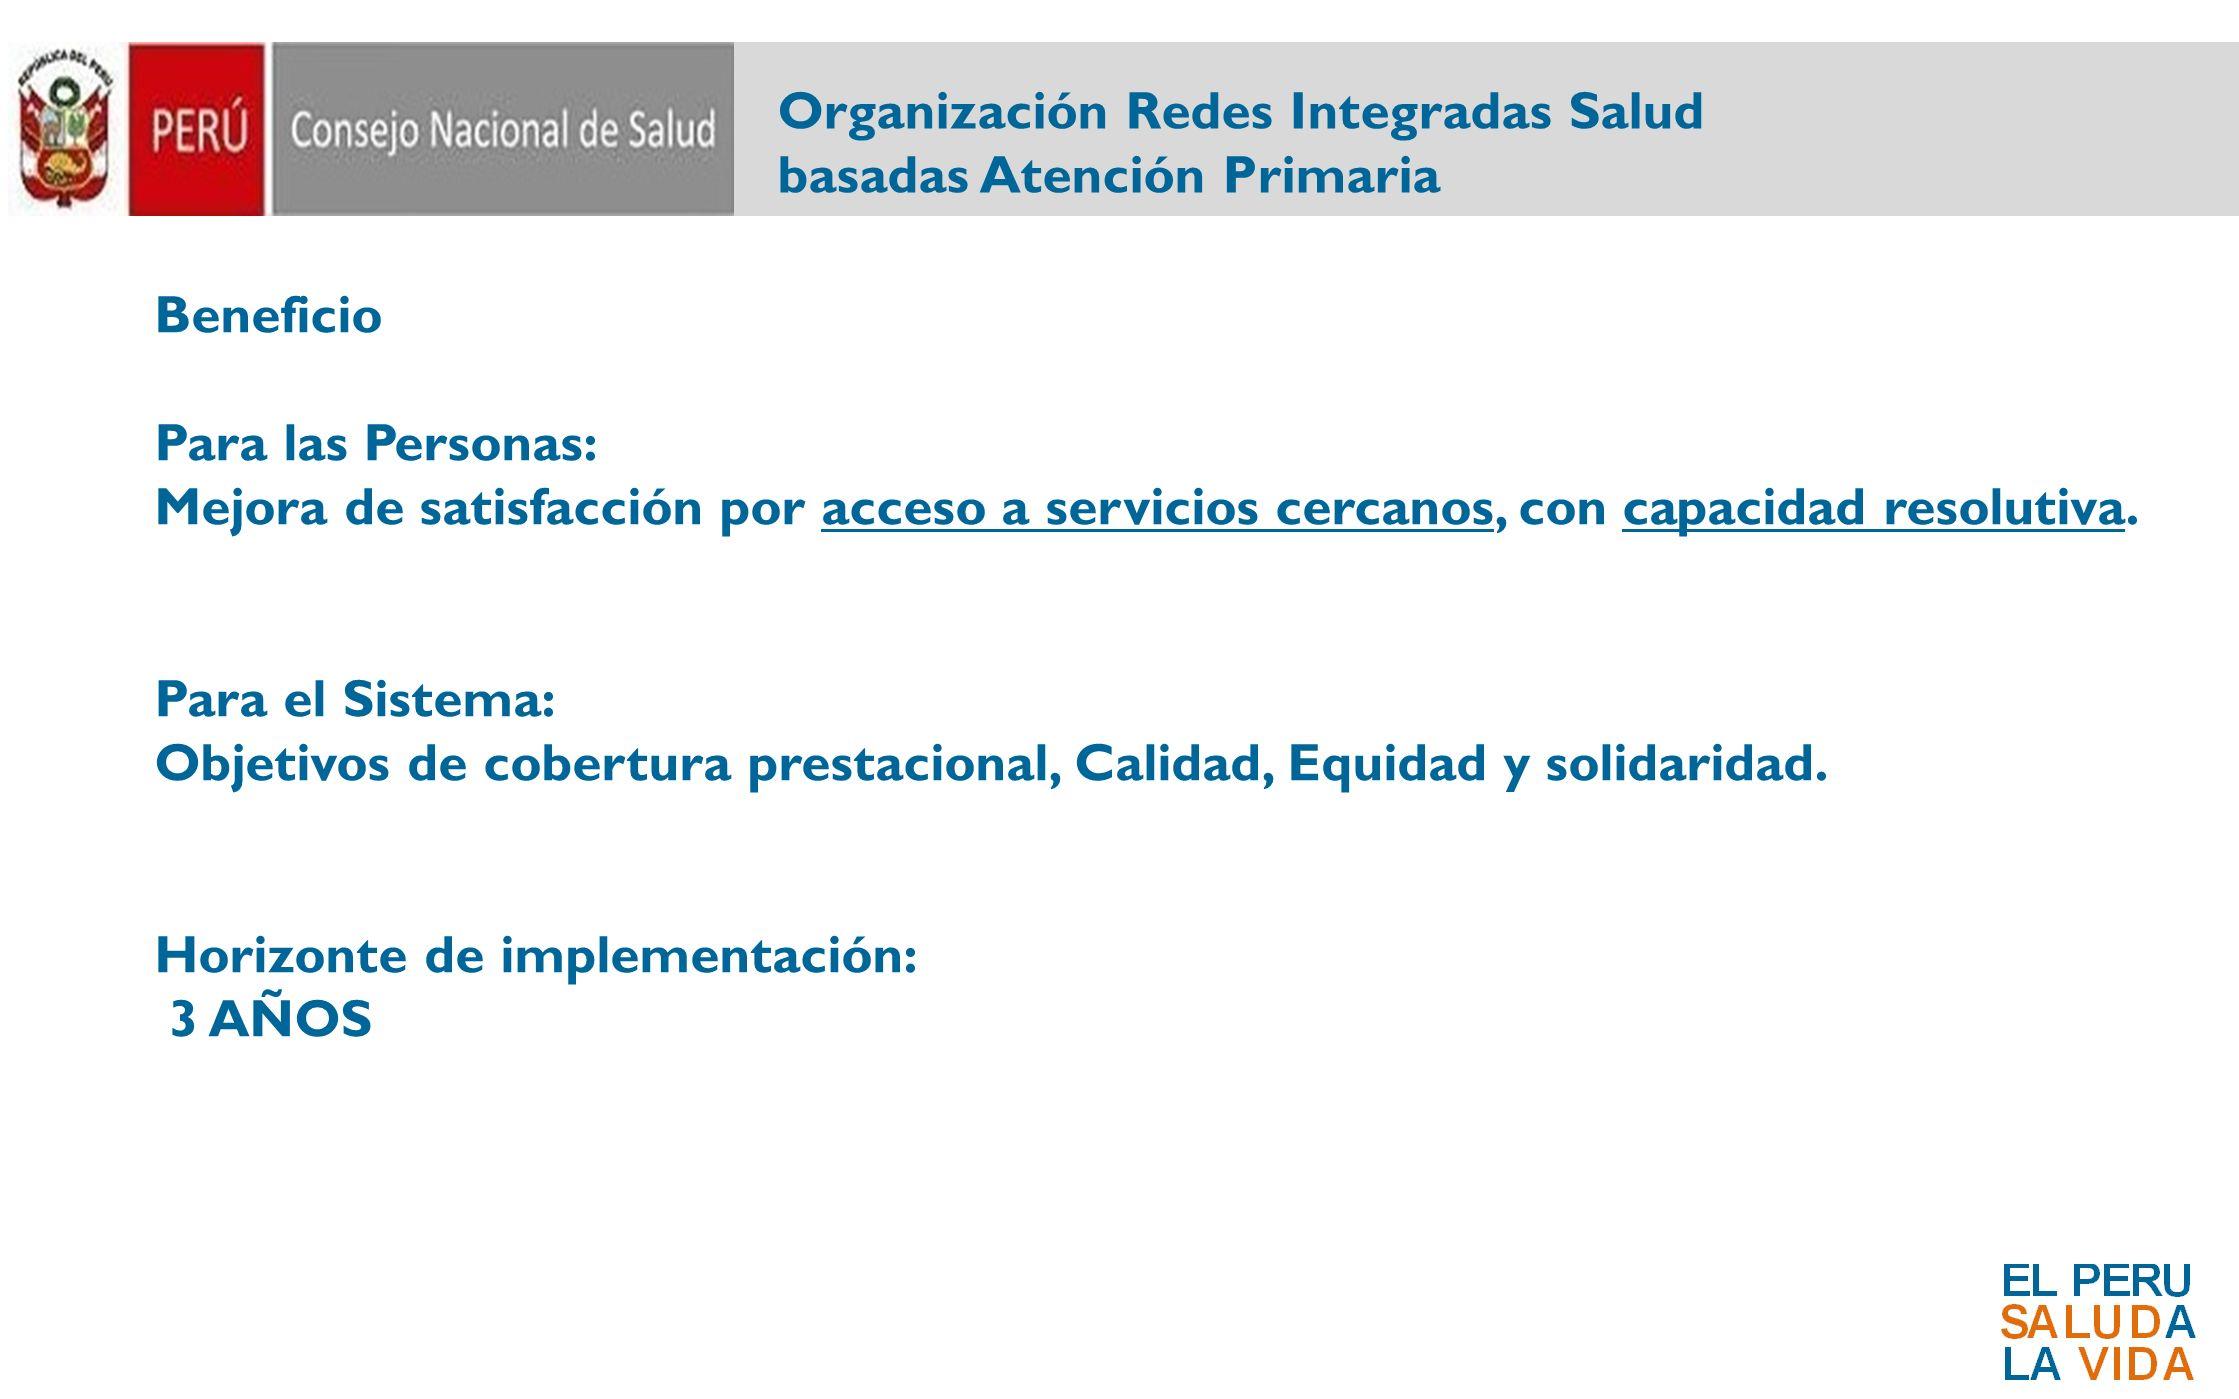 Organización Redes Integradas Salud basadas Atención Primaria Beneficio Para las Personas: Mejora de satisfacción por acceso a servicios cercanos, con